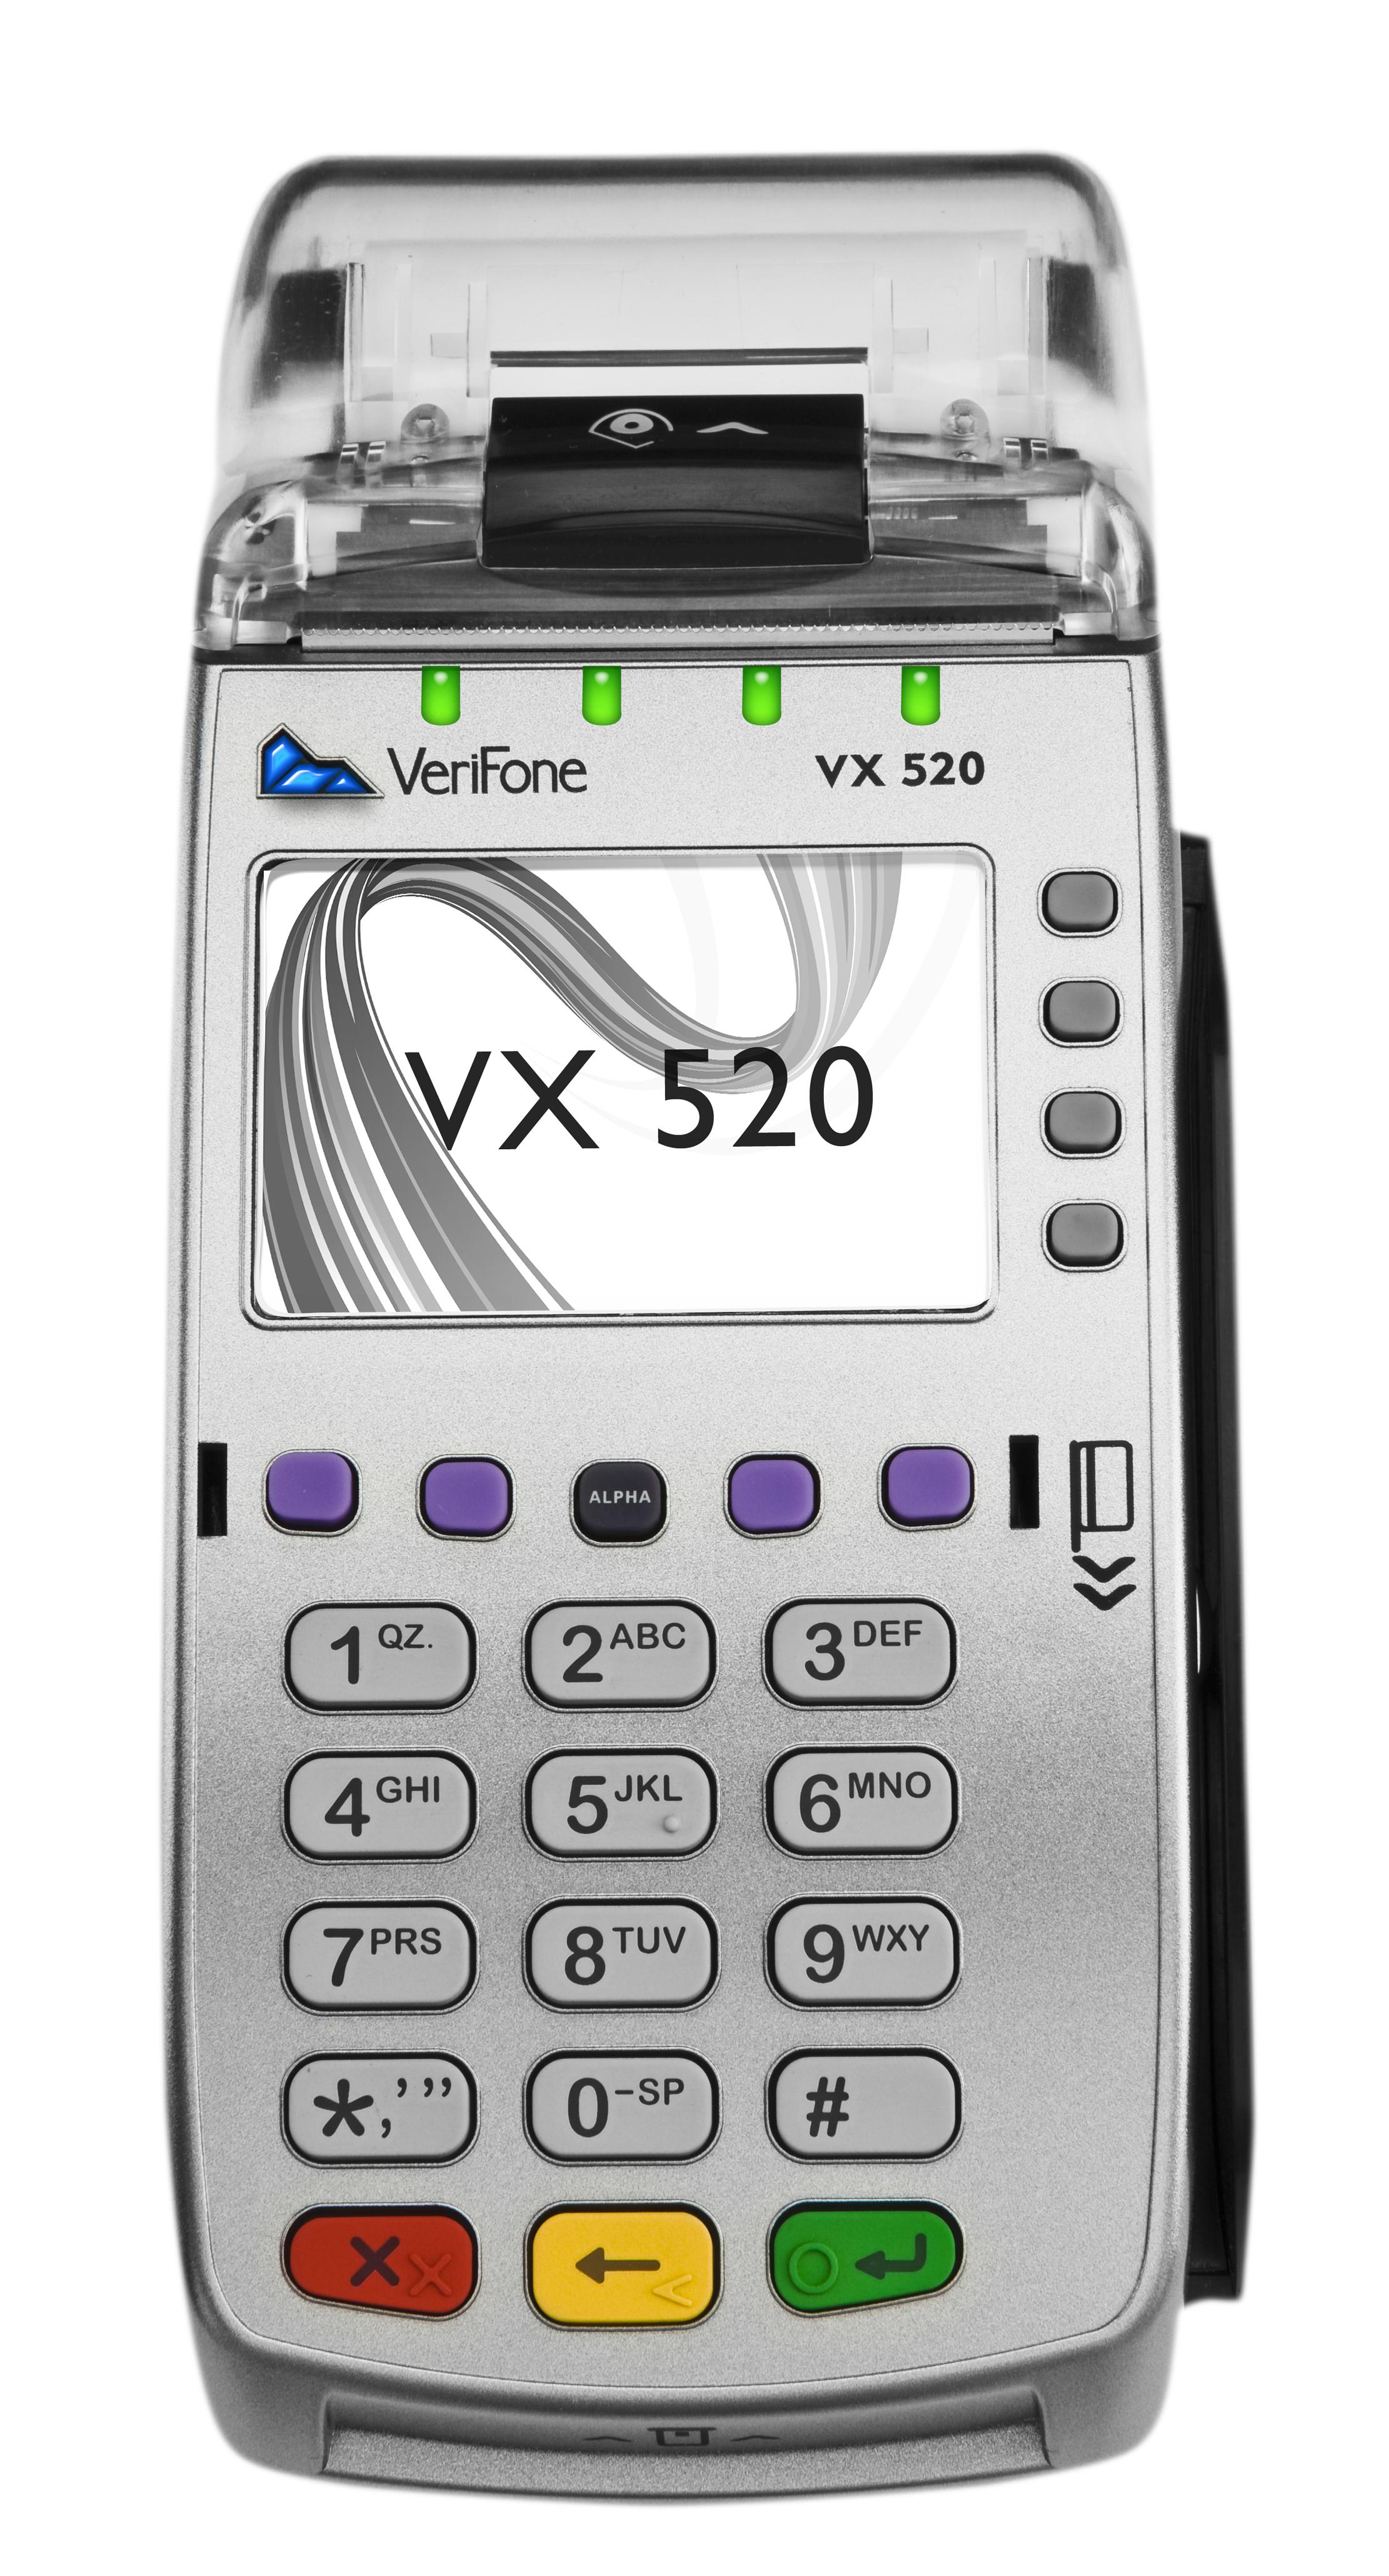 VX520.jpg